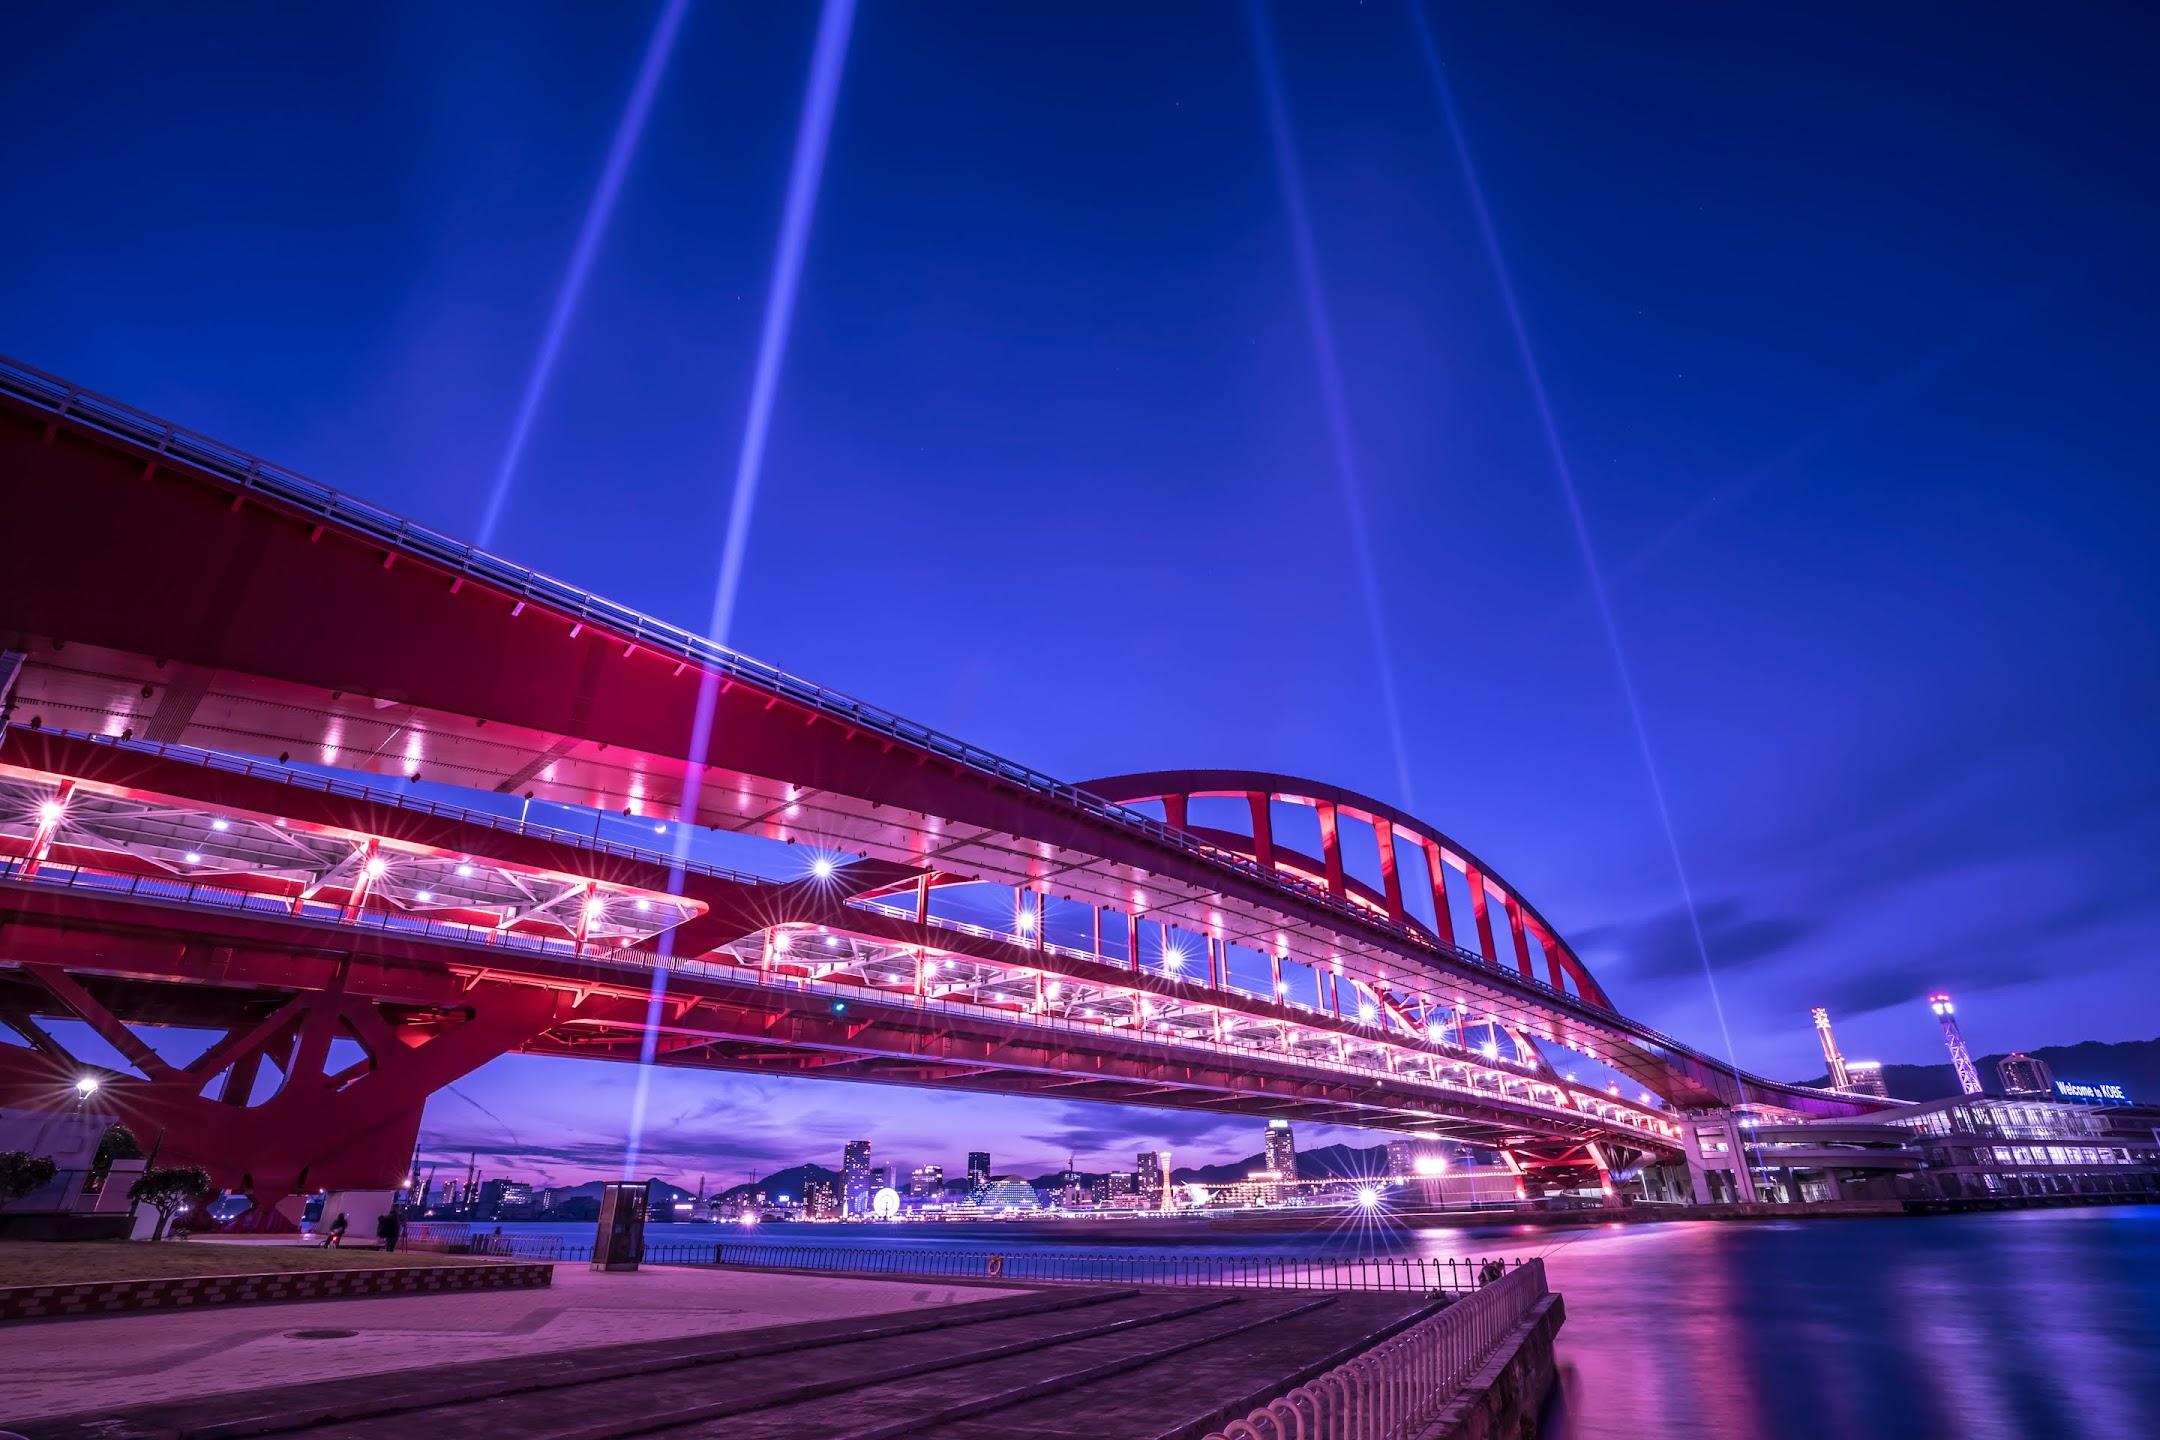 Kobe Great Bridge light-up illumination1